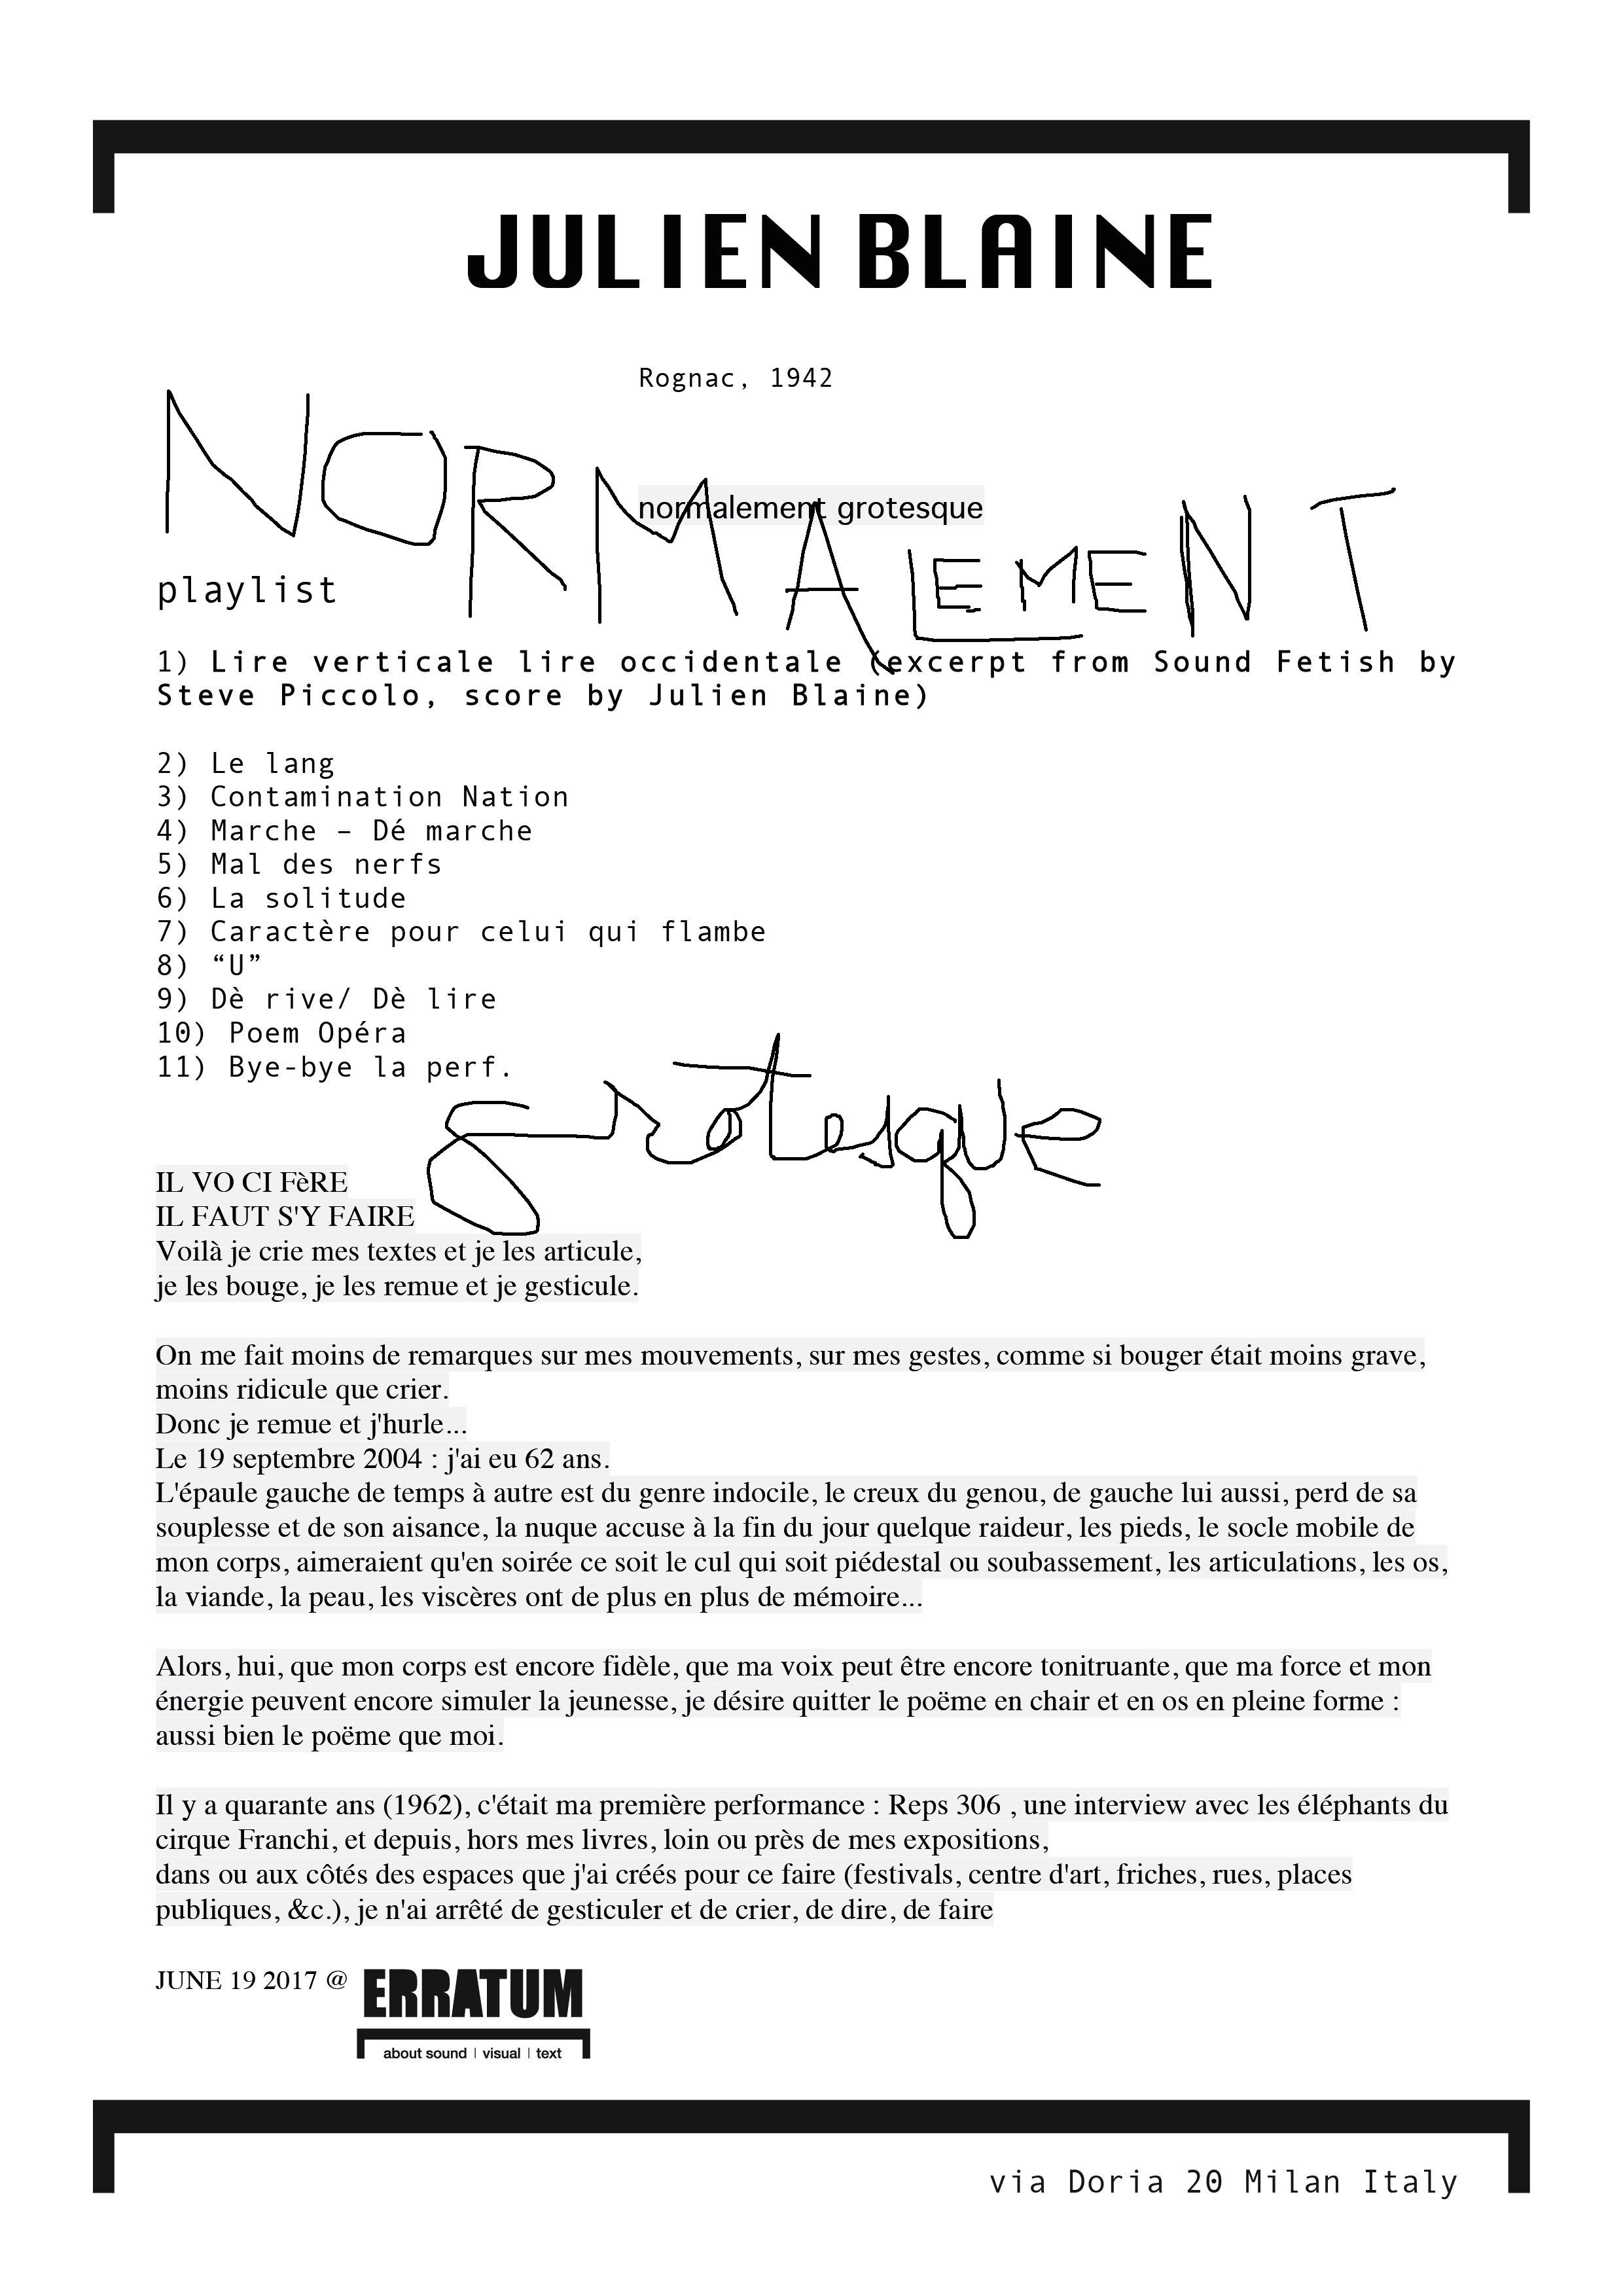 PDF_A4_Julien_Blaine-03NG